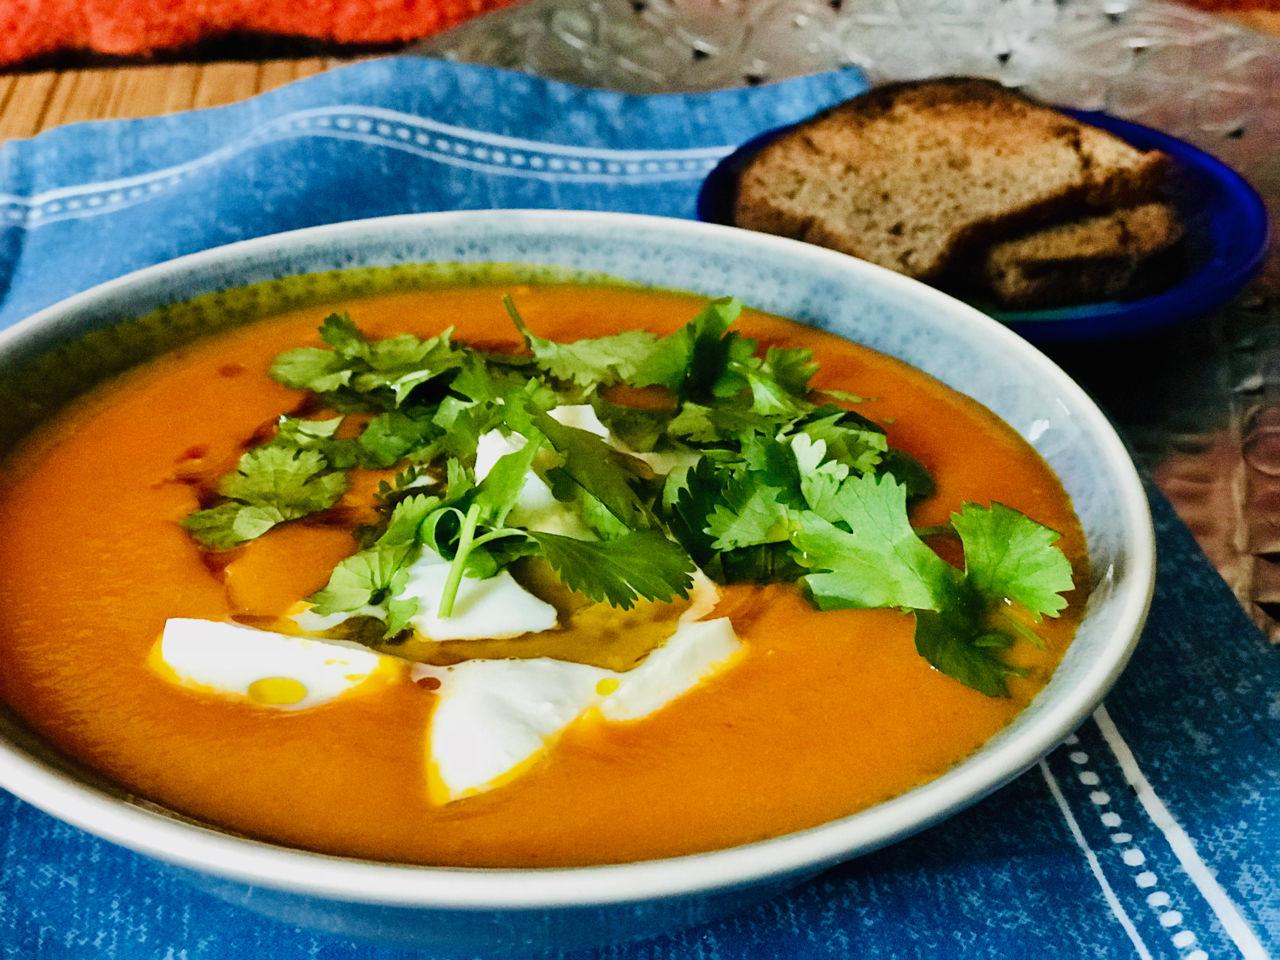 Dýňová polévka smozarellou - jak zhubnout vmenopauze